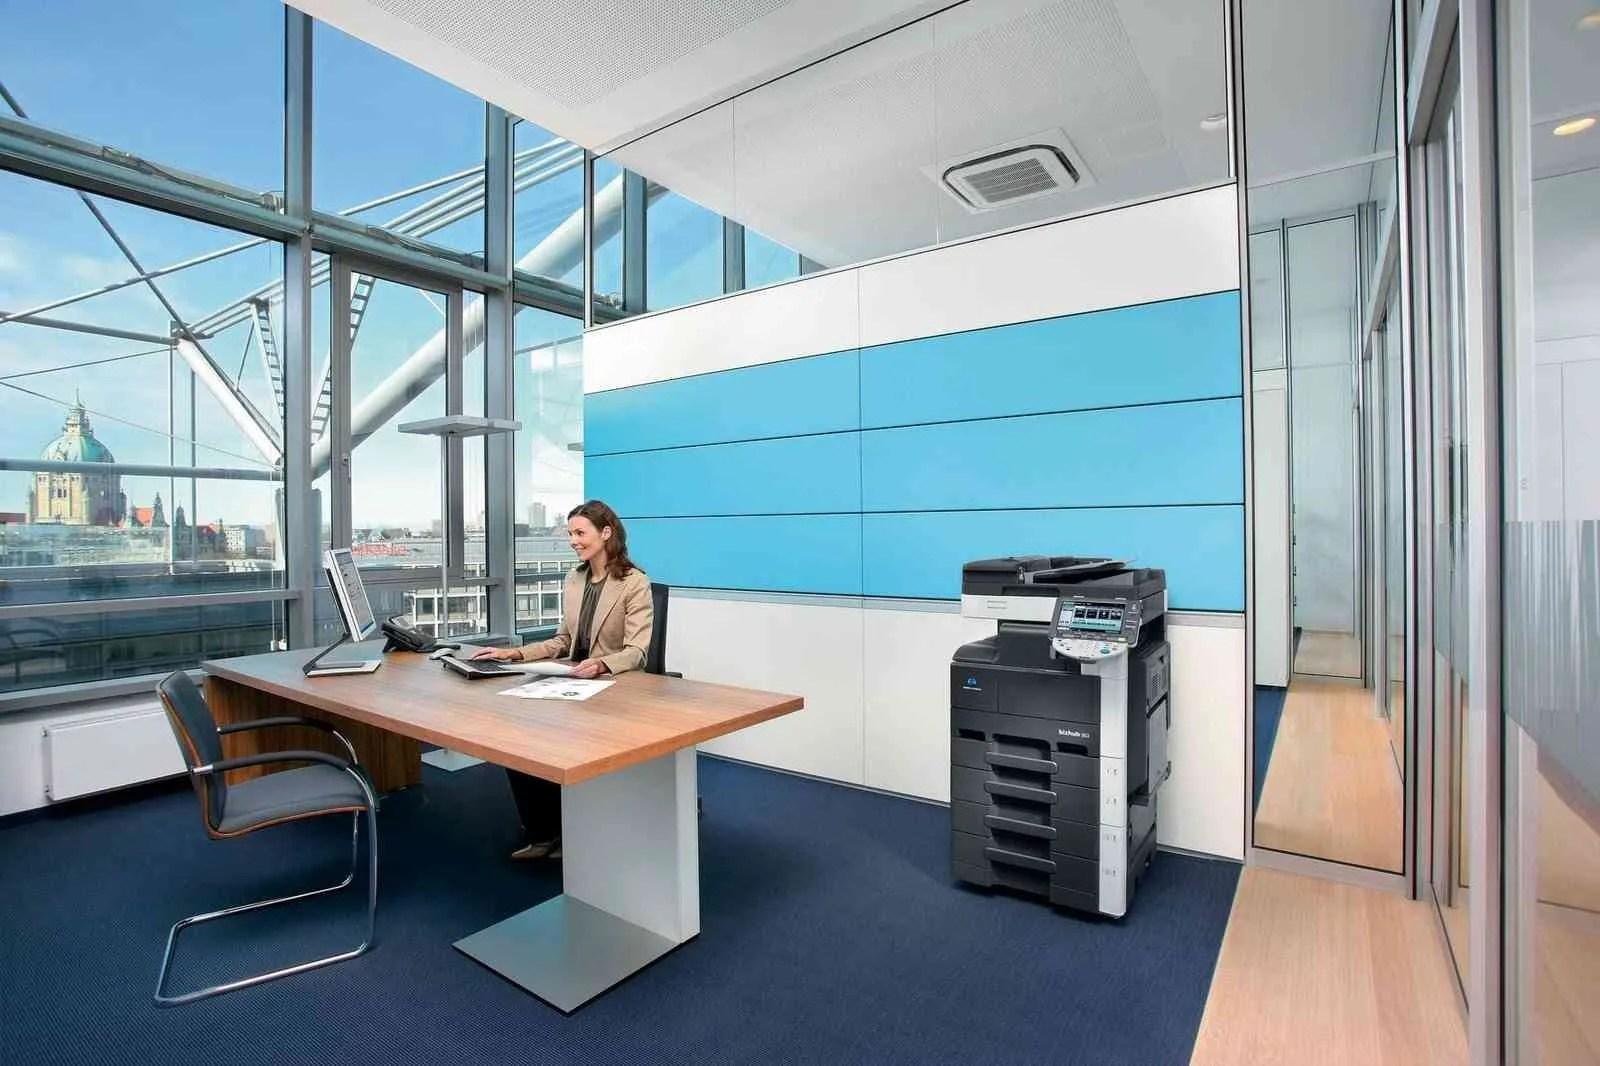 Consigue una oficina con estilo moderno